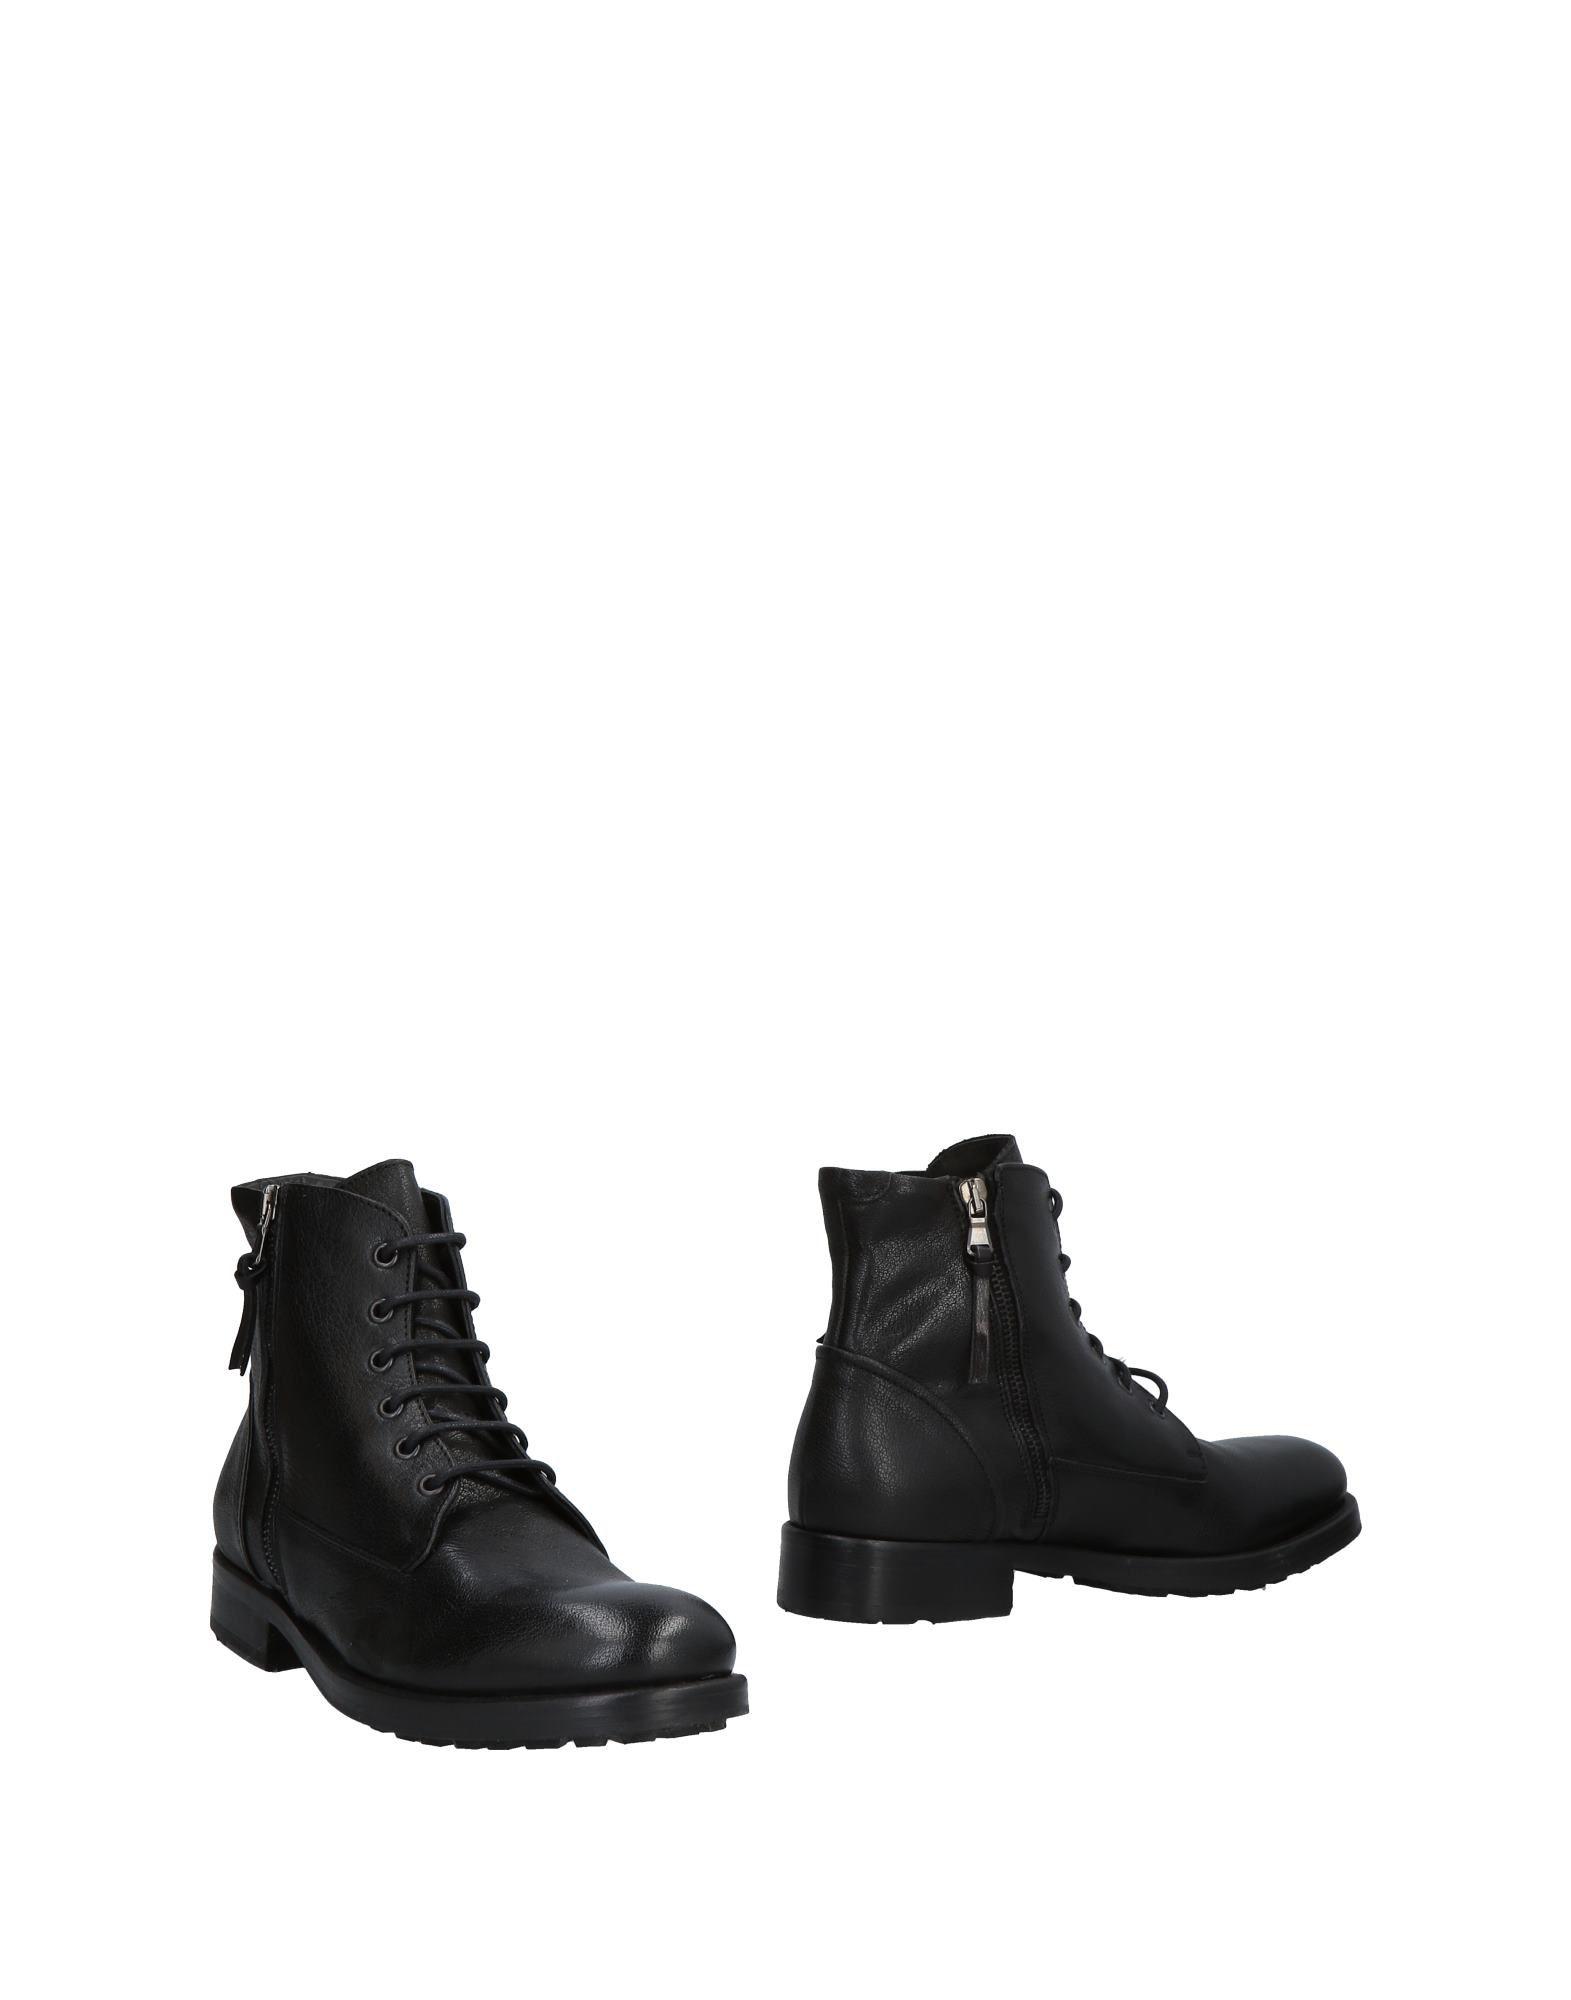 Pawelk's Stiefelette Herren  11492426XN Gute Qualität beliebte Schuhe